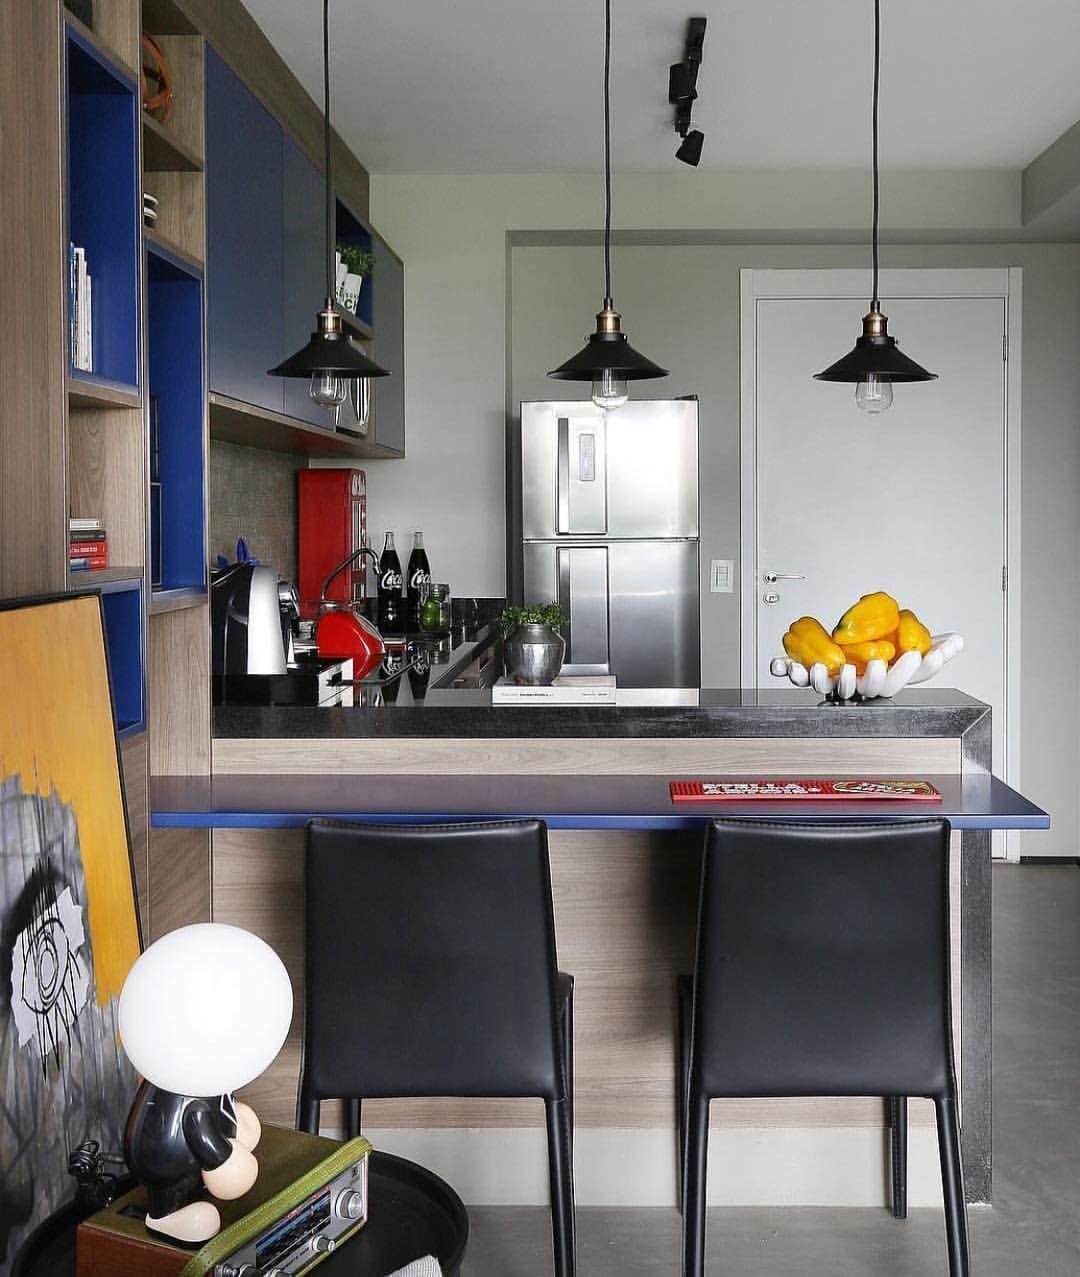 """491 curtidas, 12 comentários - @recebercomcharme no Instagram: """"Uma cozinha pequena pode ser funcional e estilosa, não? 😍😍😍 Morri de amores por essa fotografada…"""""""